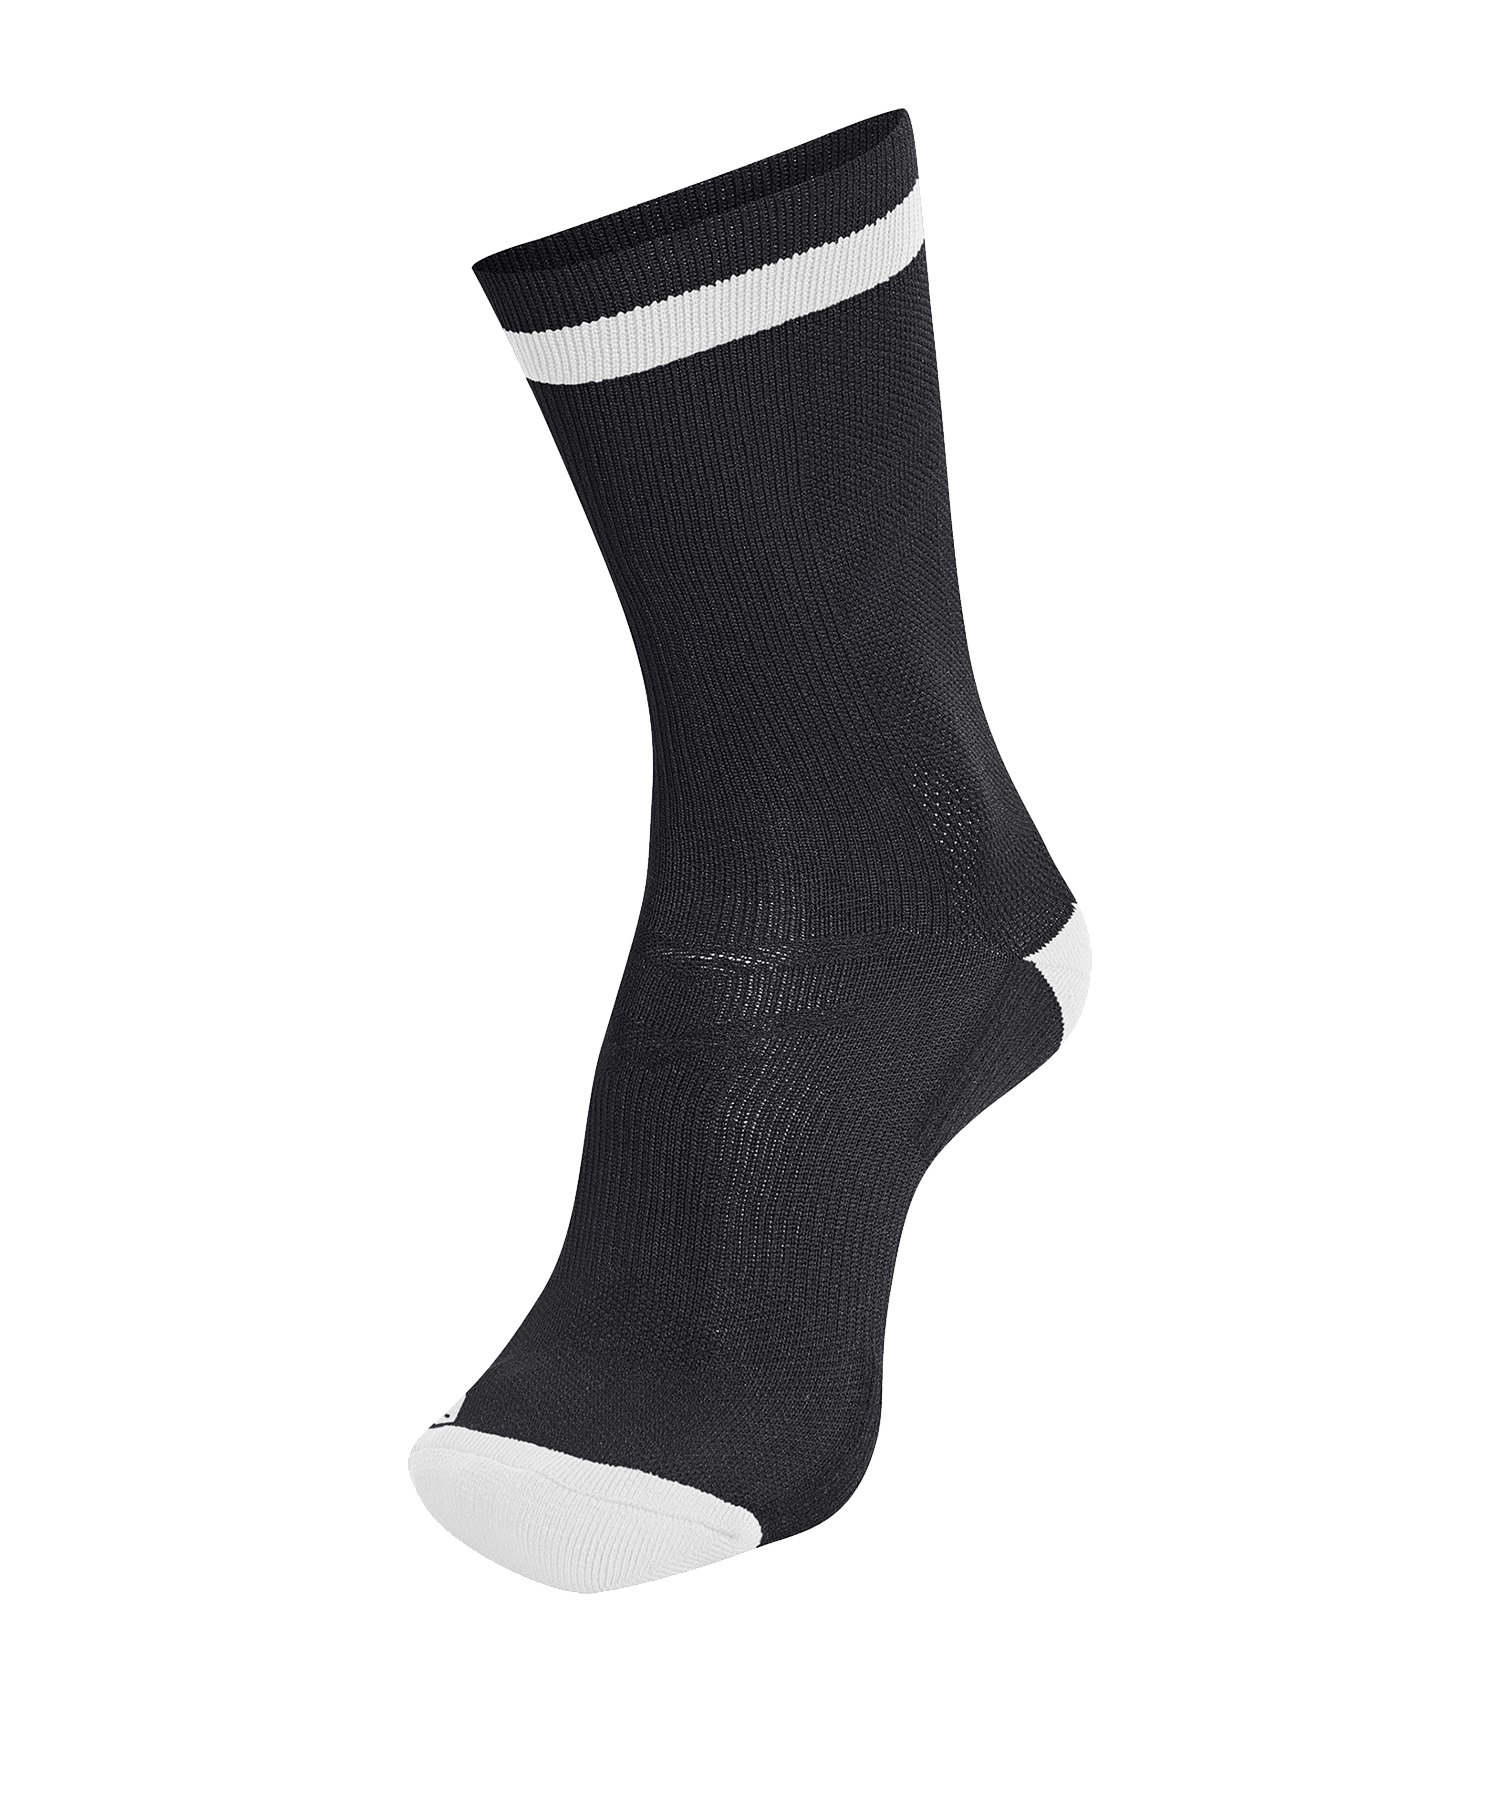 Hummel Elite Indoor Sock Low Socken Schwarz F2114 - Schwarz